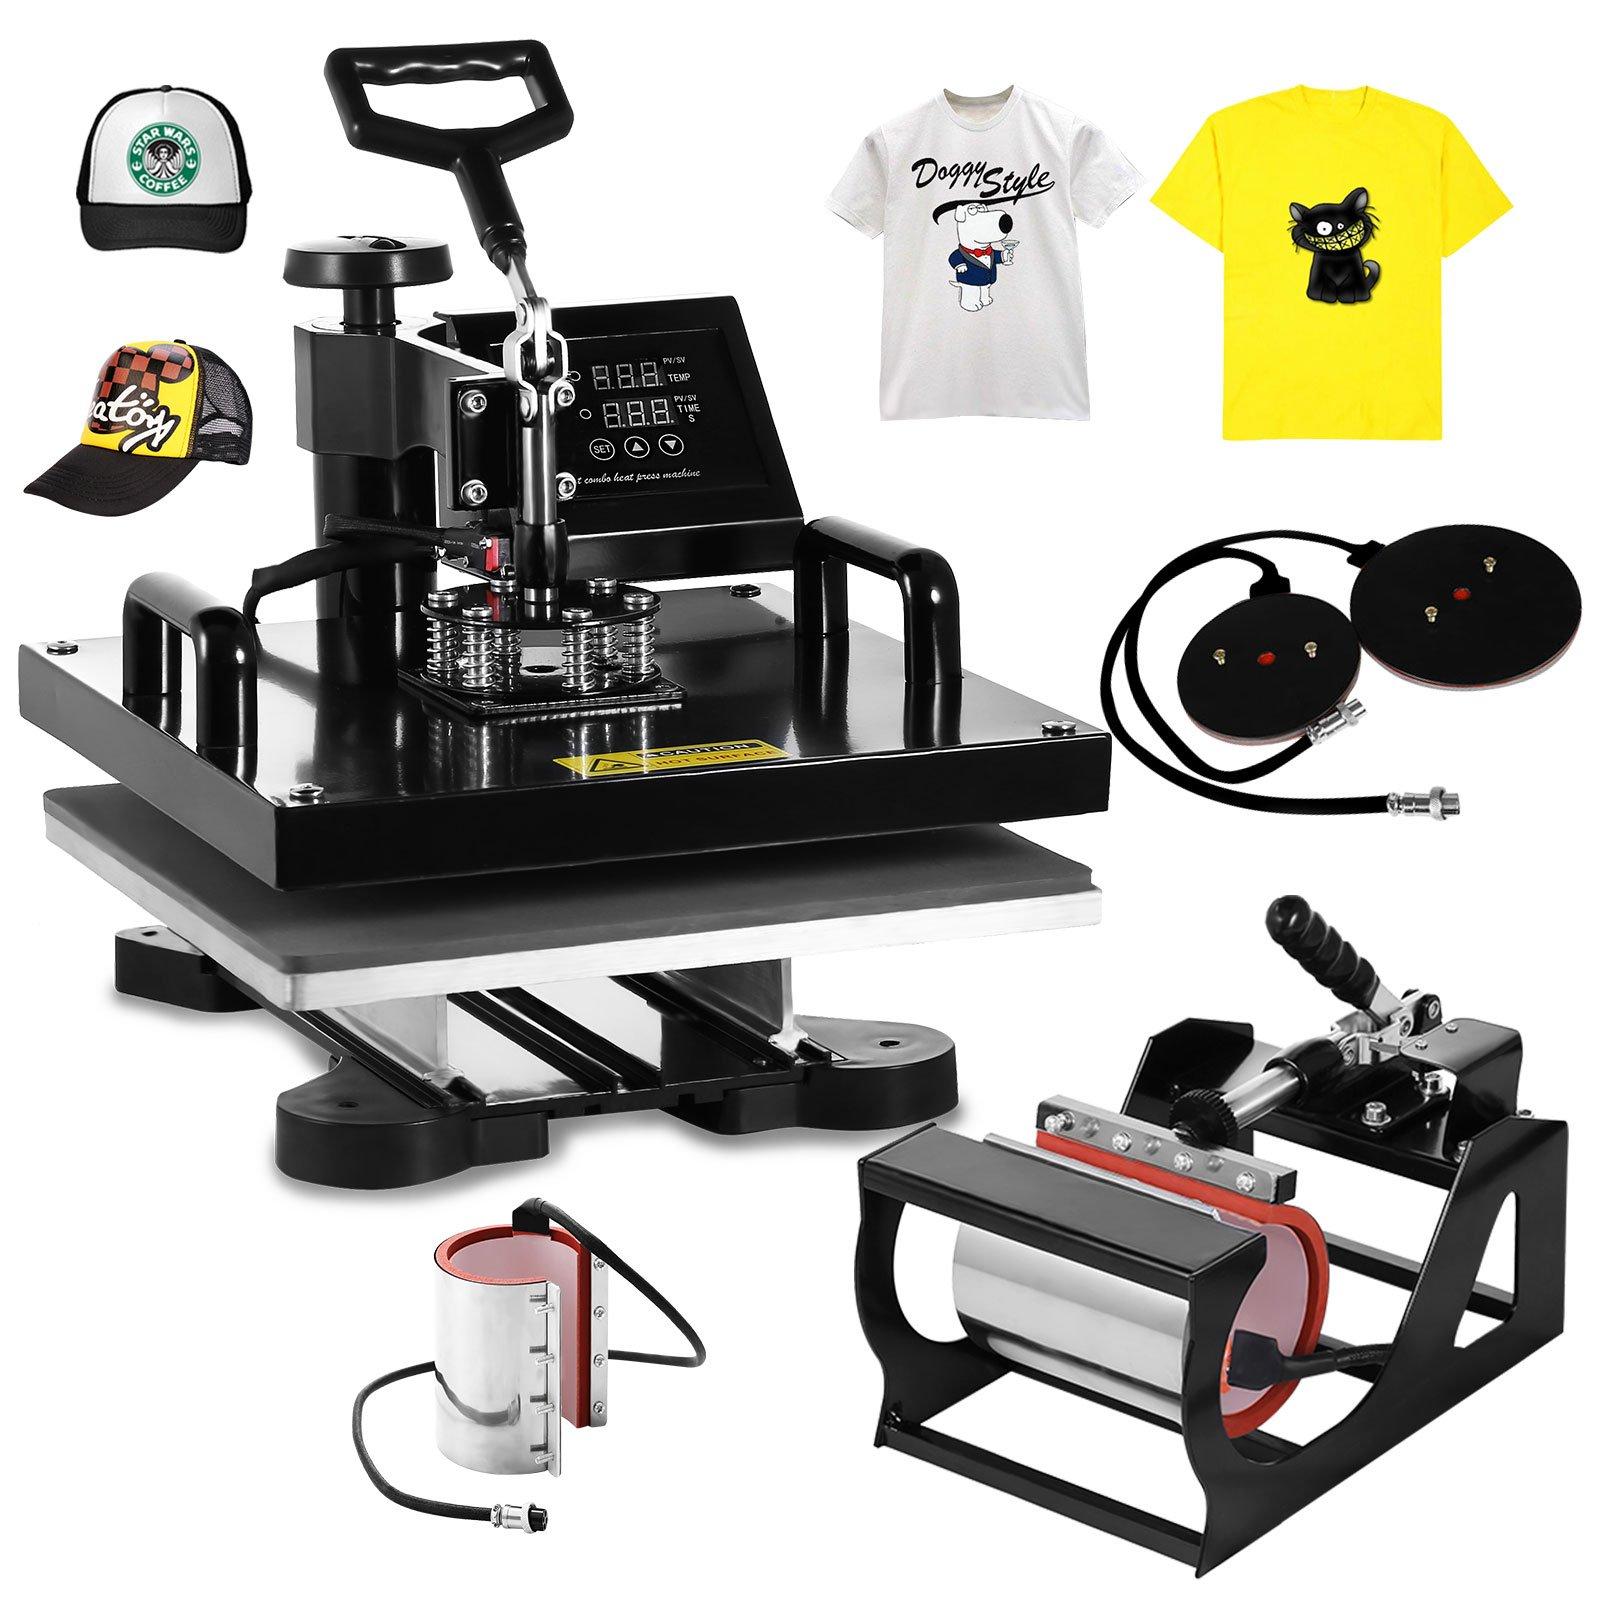 Mophorn Heat Press 38x38CM Heat Plate with 6PCS Heat Press Items Hot Iron T Shirt Heat Prsees Machine Mug Press Kit for Family DIY (6pcs 15X15 Presser)